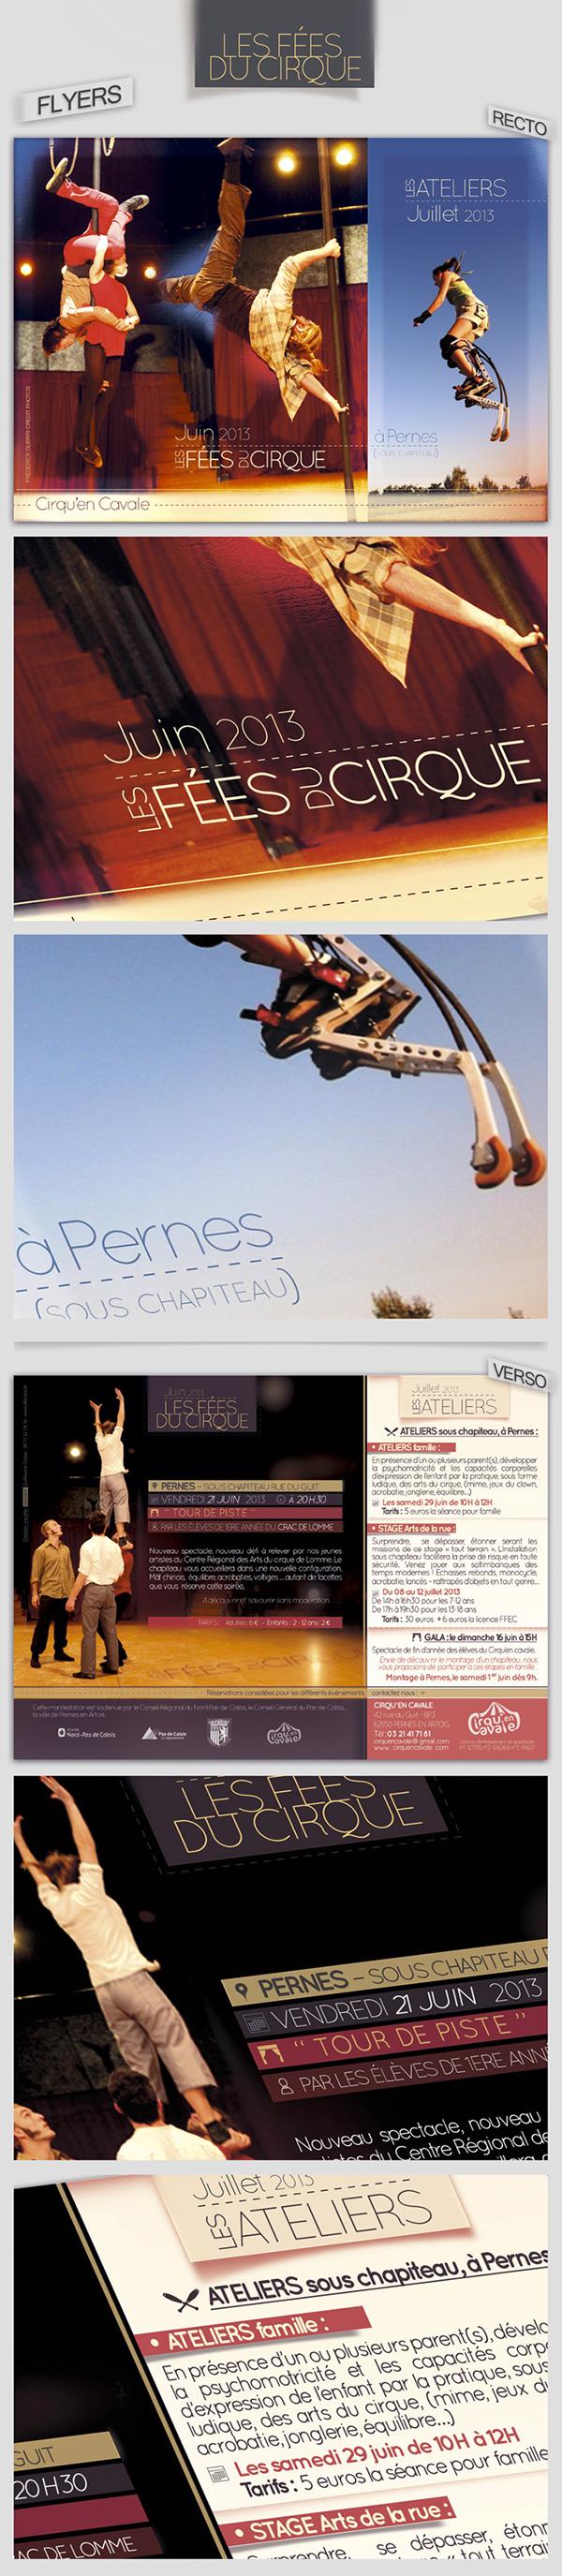 Circus cirque Cirqu'en Cavale flyers Entertainment Performance impression marquee chapiteau fees print